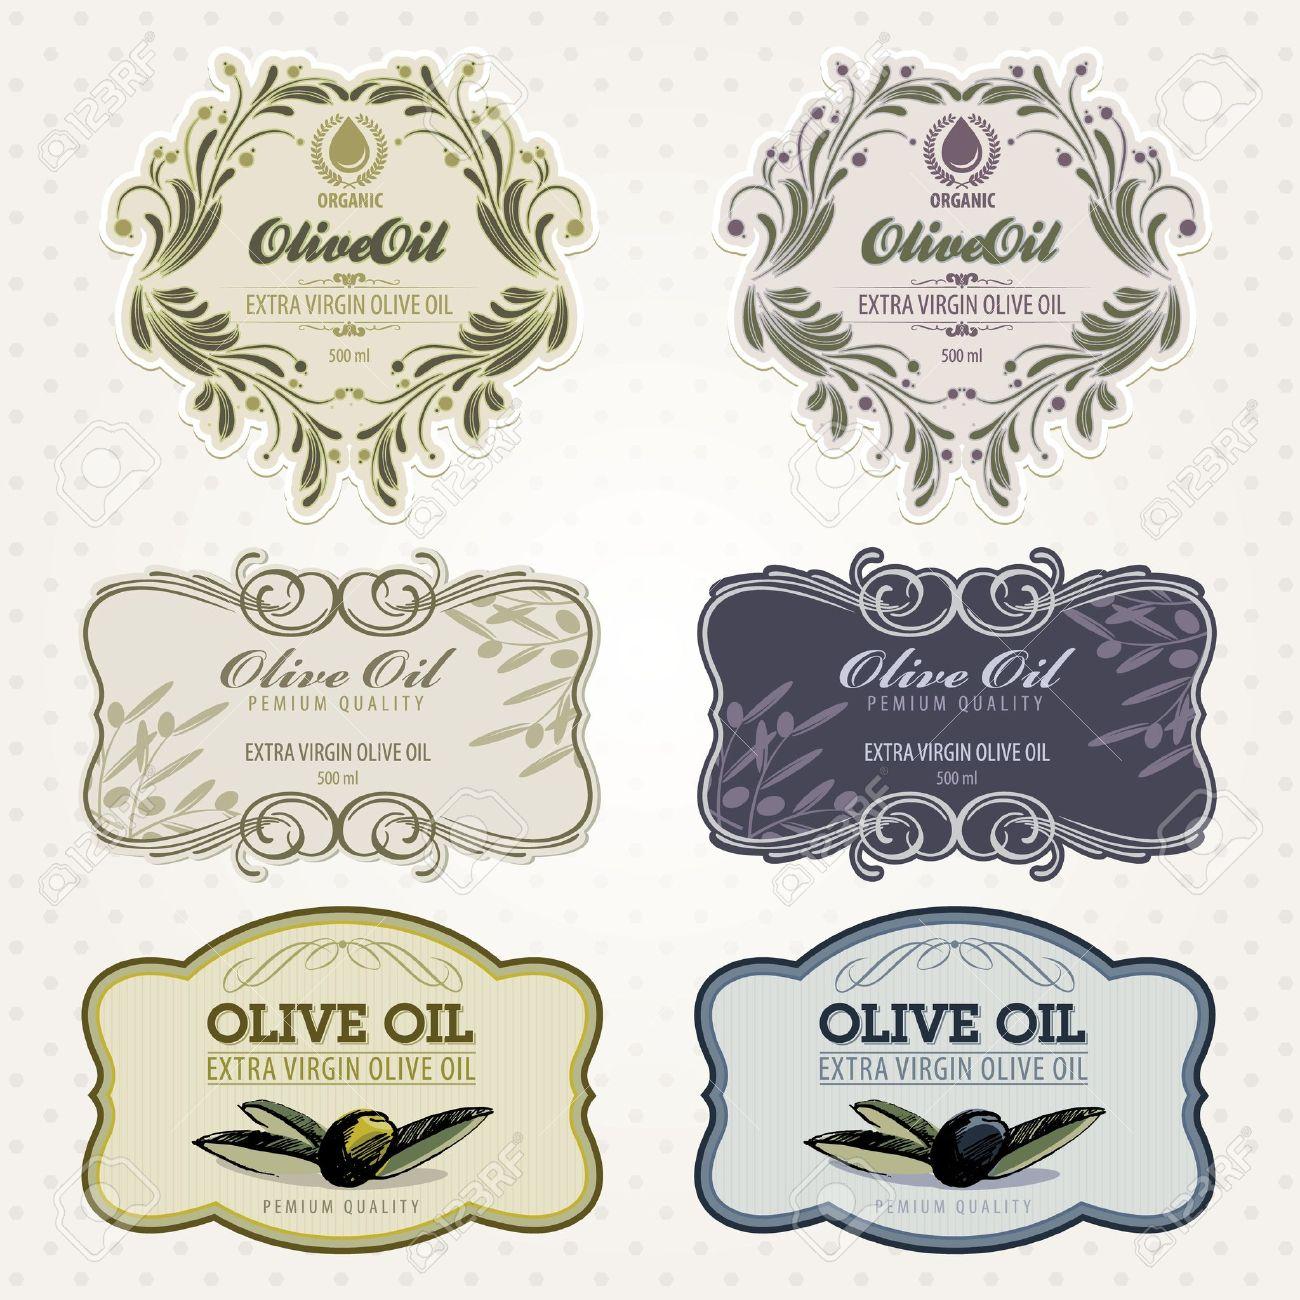 Olive oil labels set - 10438798